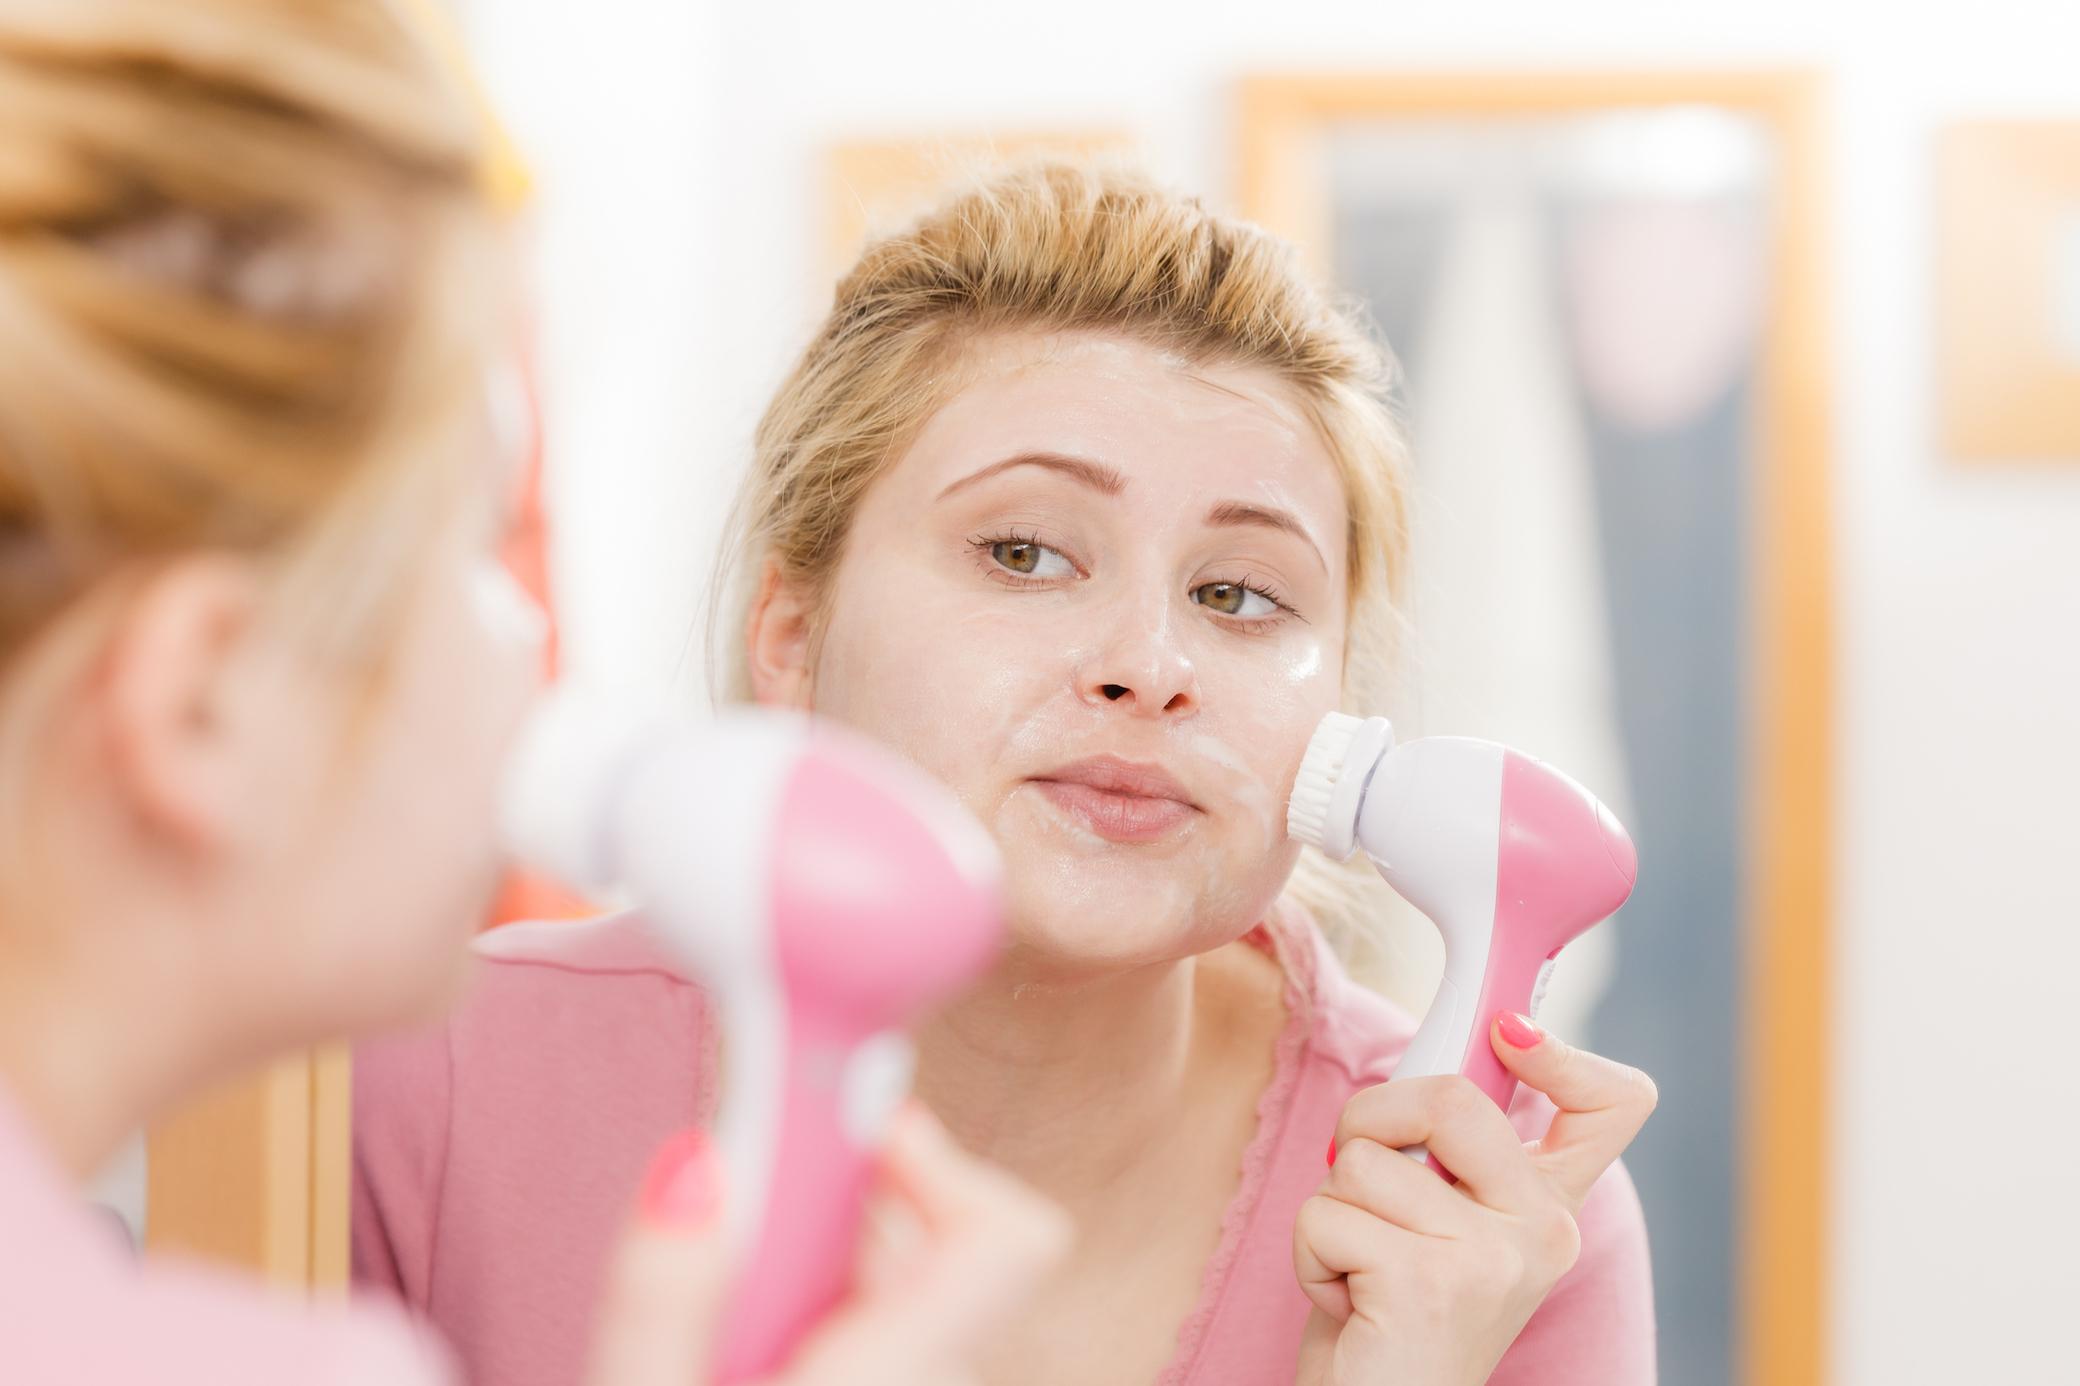 Không những hỗ trợ đánh bay các vết thâm mụn, các loại máy rửa mặt massage hiện nay còn cải thiện nhiều vấn đề trên da.